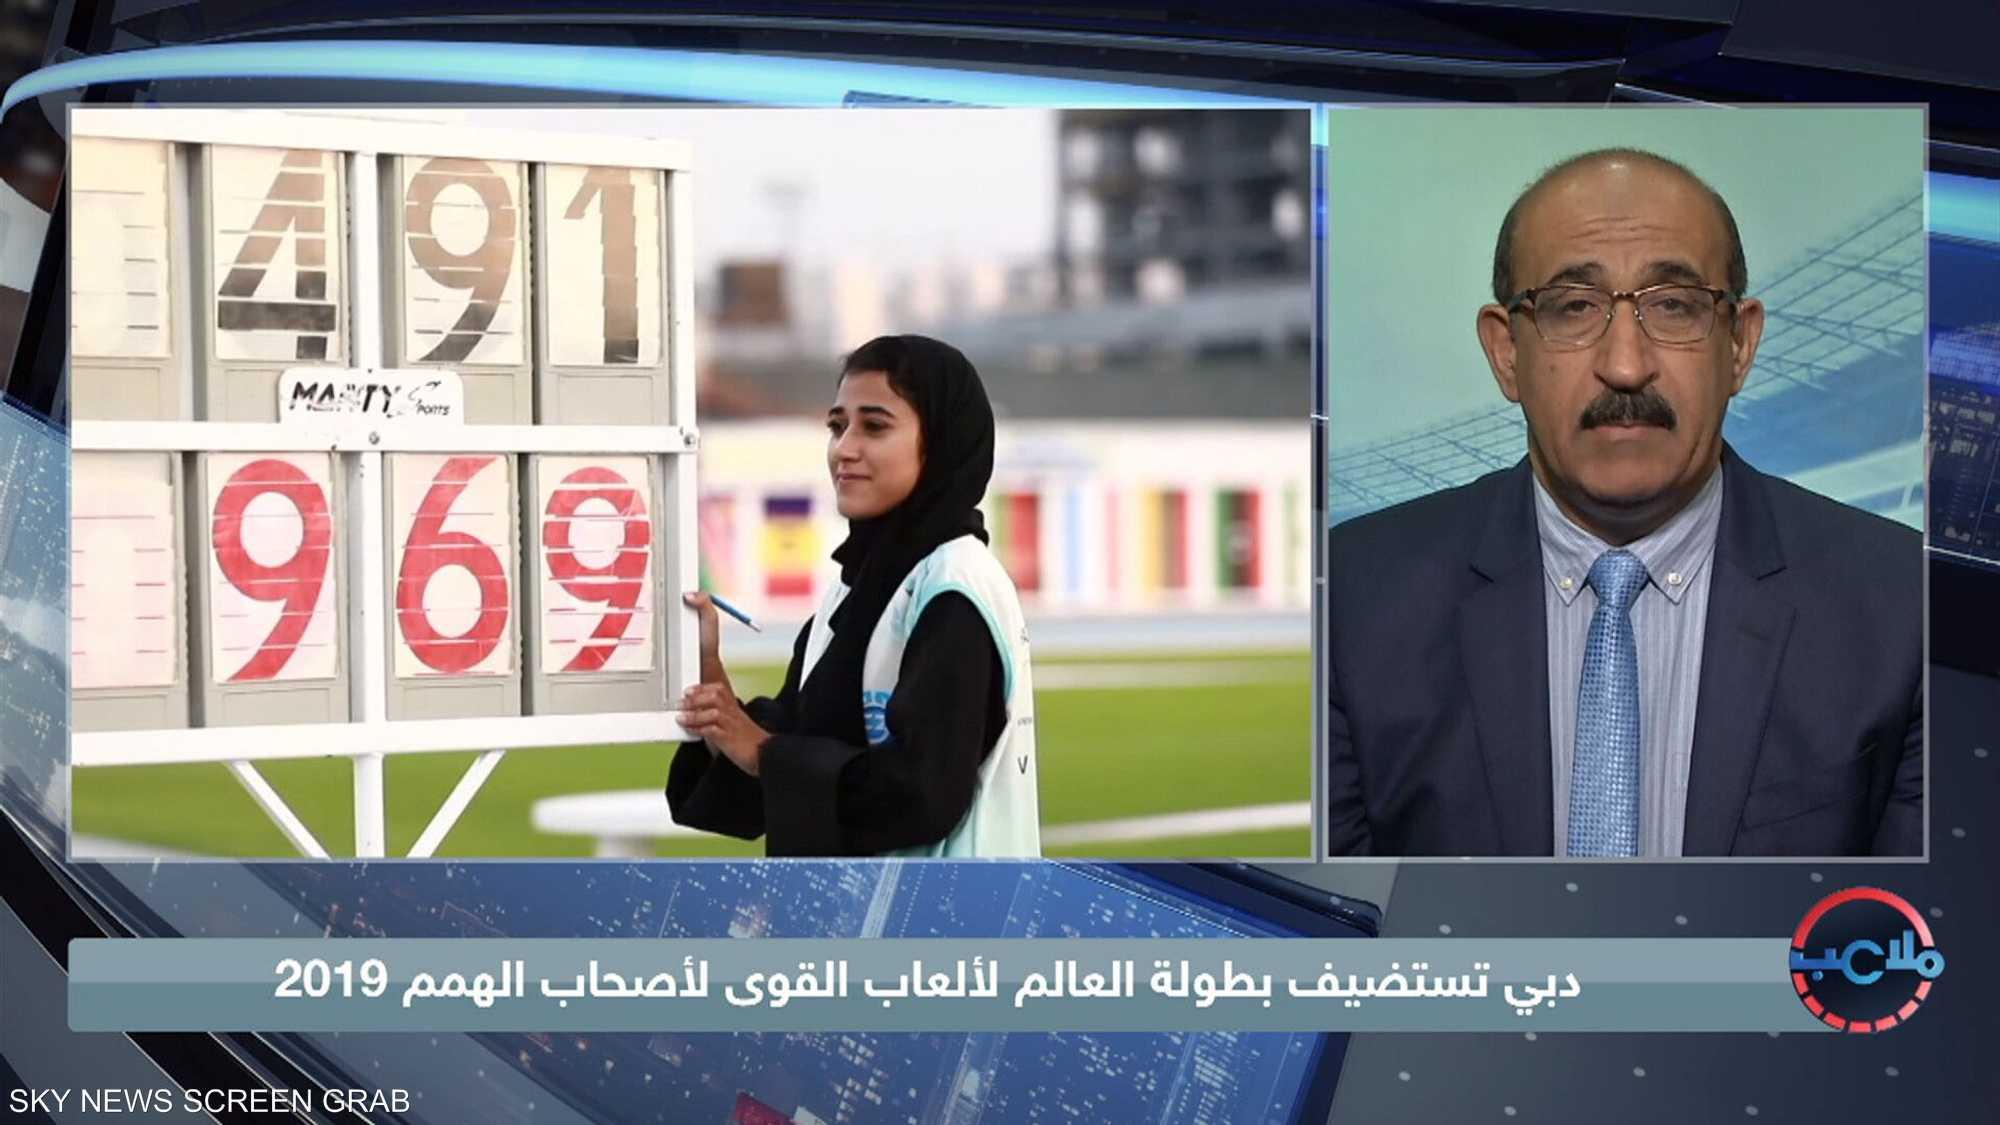 دبي تستضيف بطولة العالم لألعاب القوى لأصحاب الهمم 2019